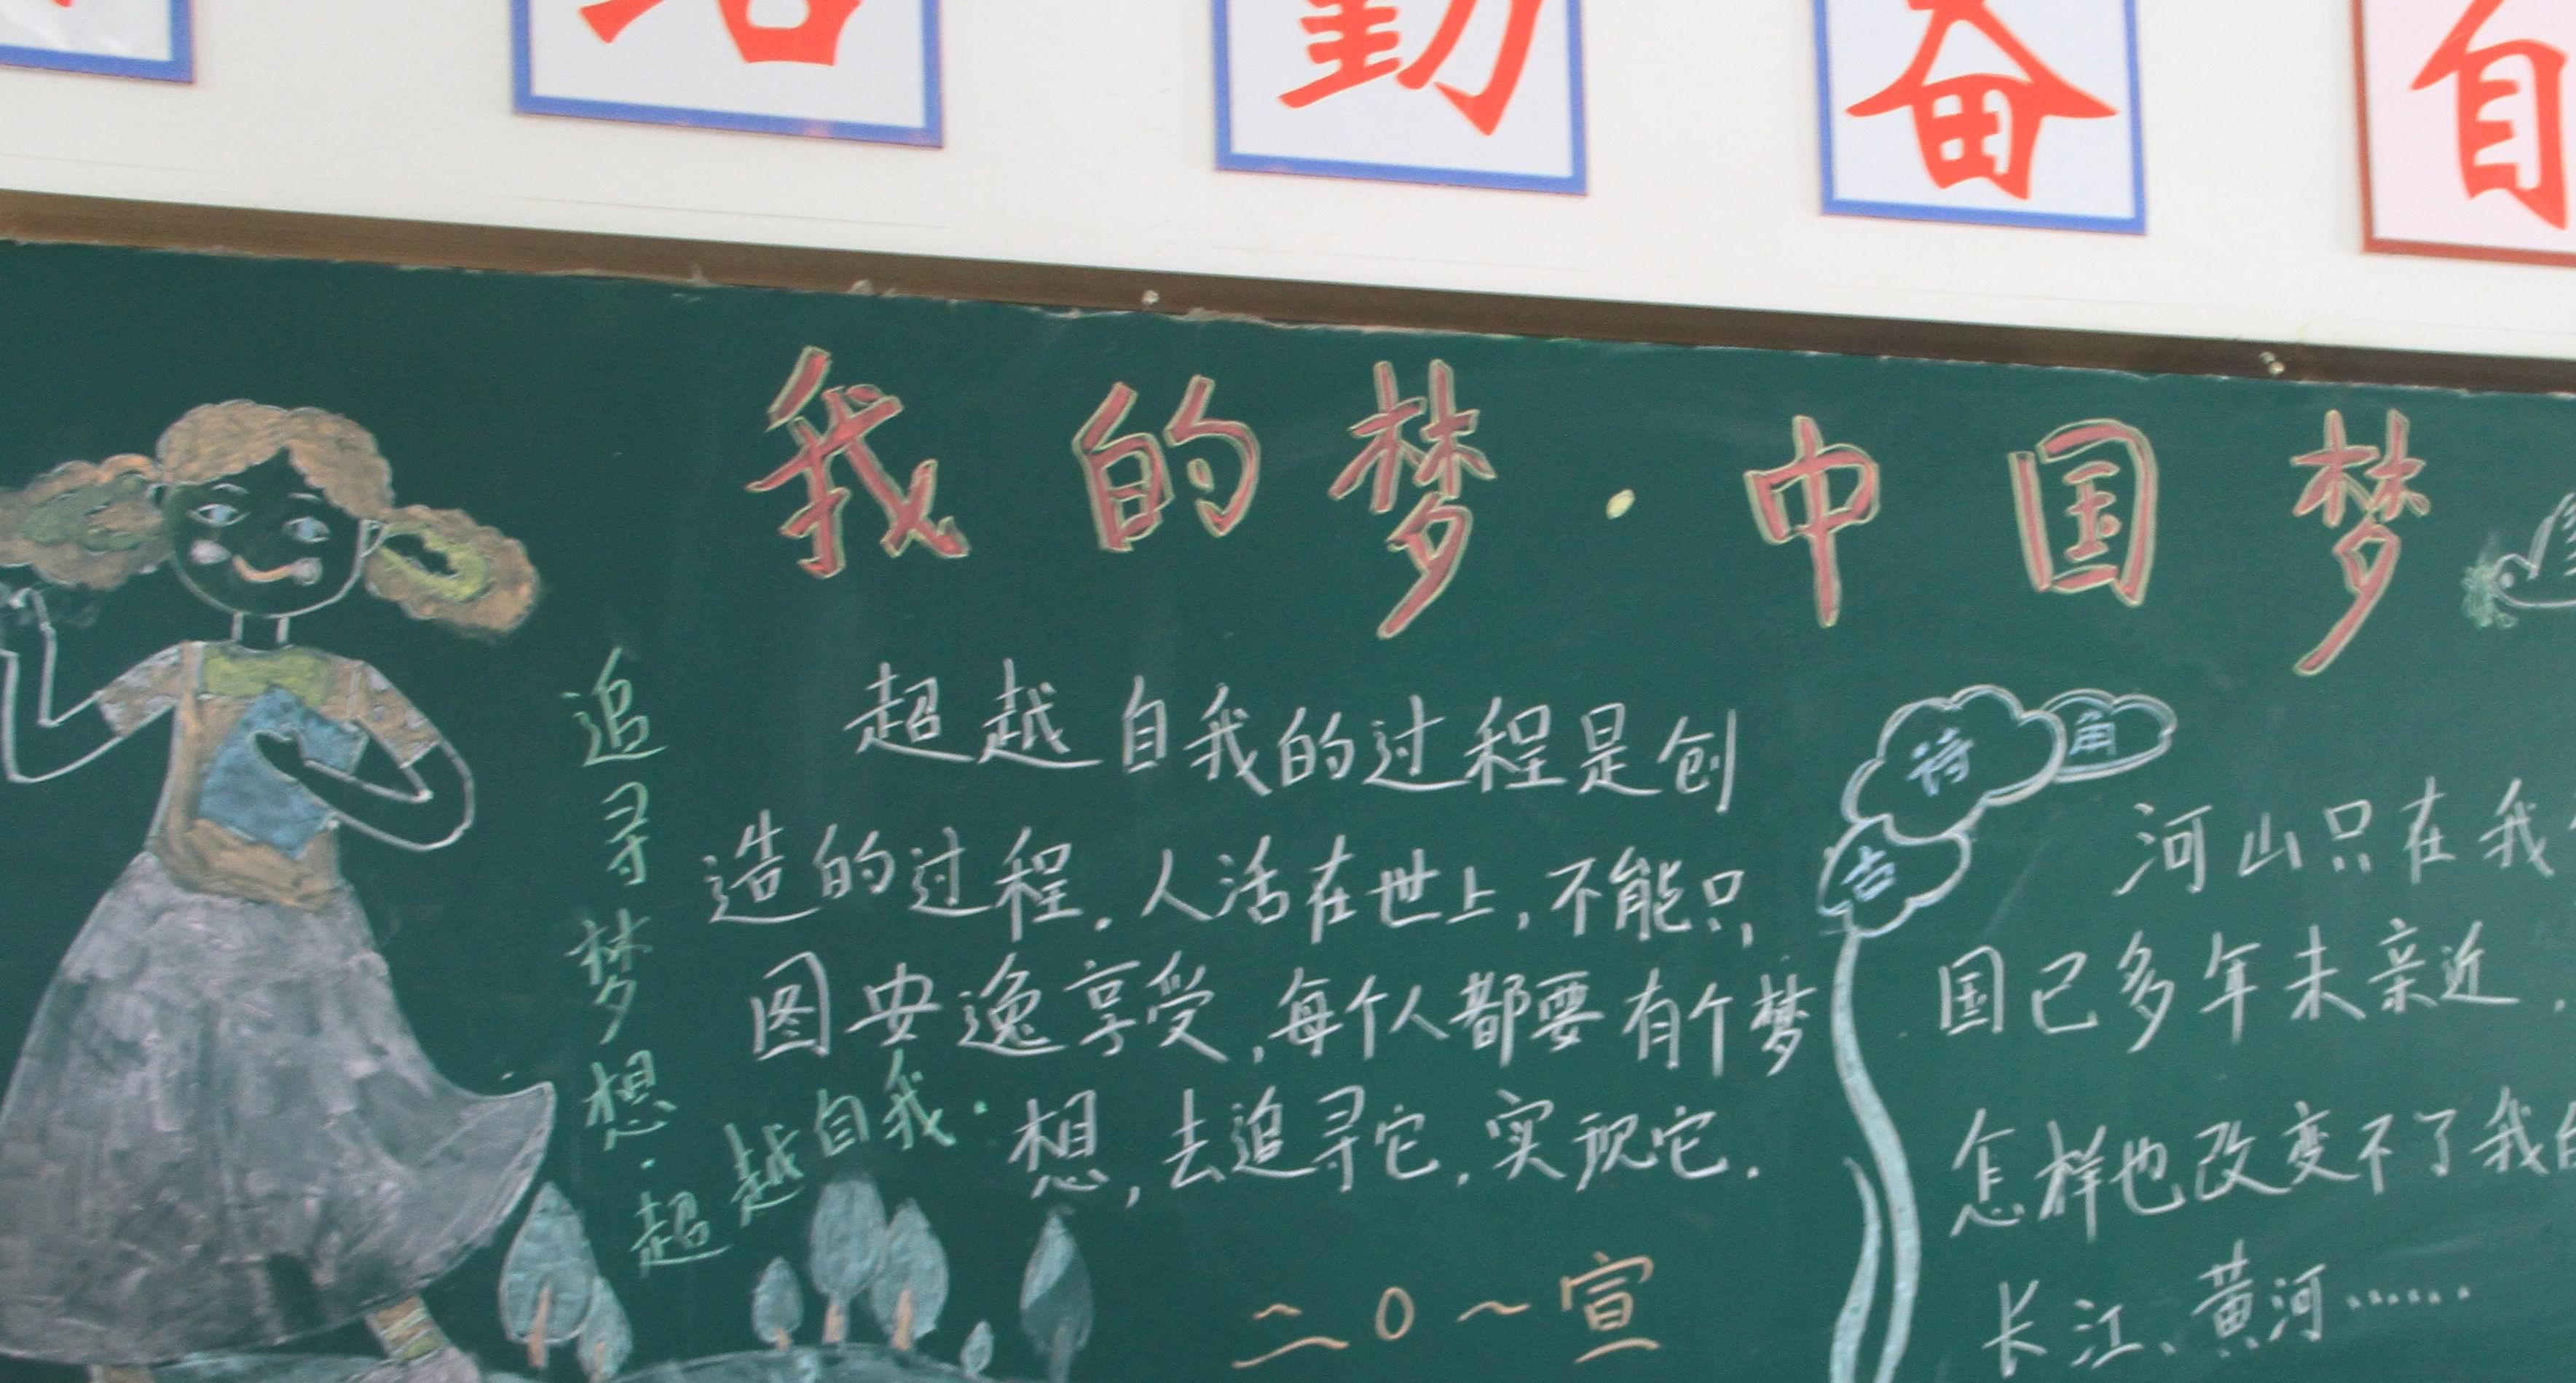 中国梦板报